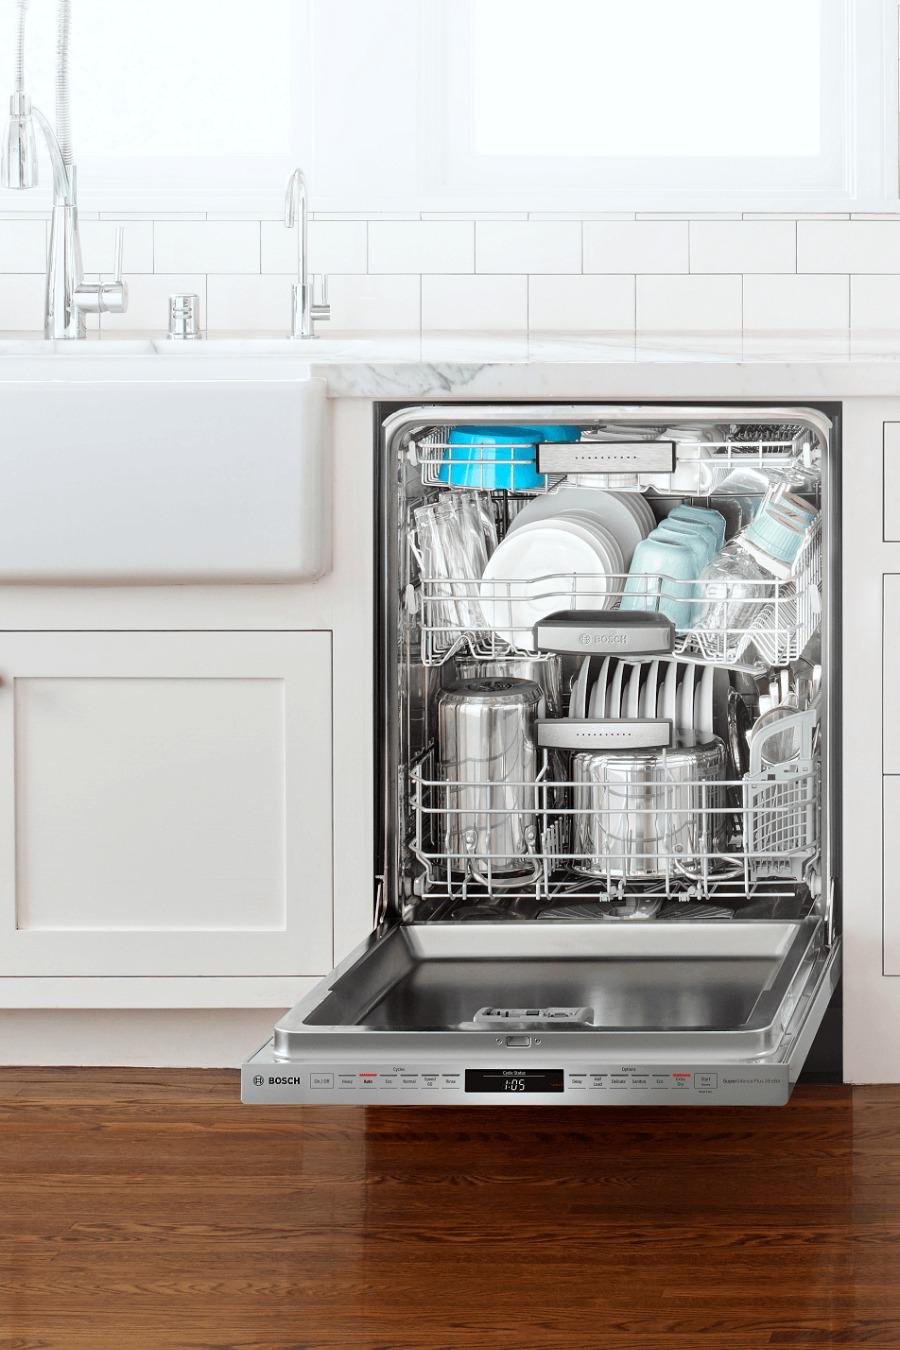 Bosch Premium Series Dishwasher at Best Buy